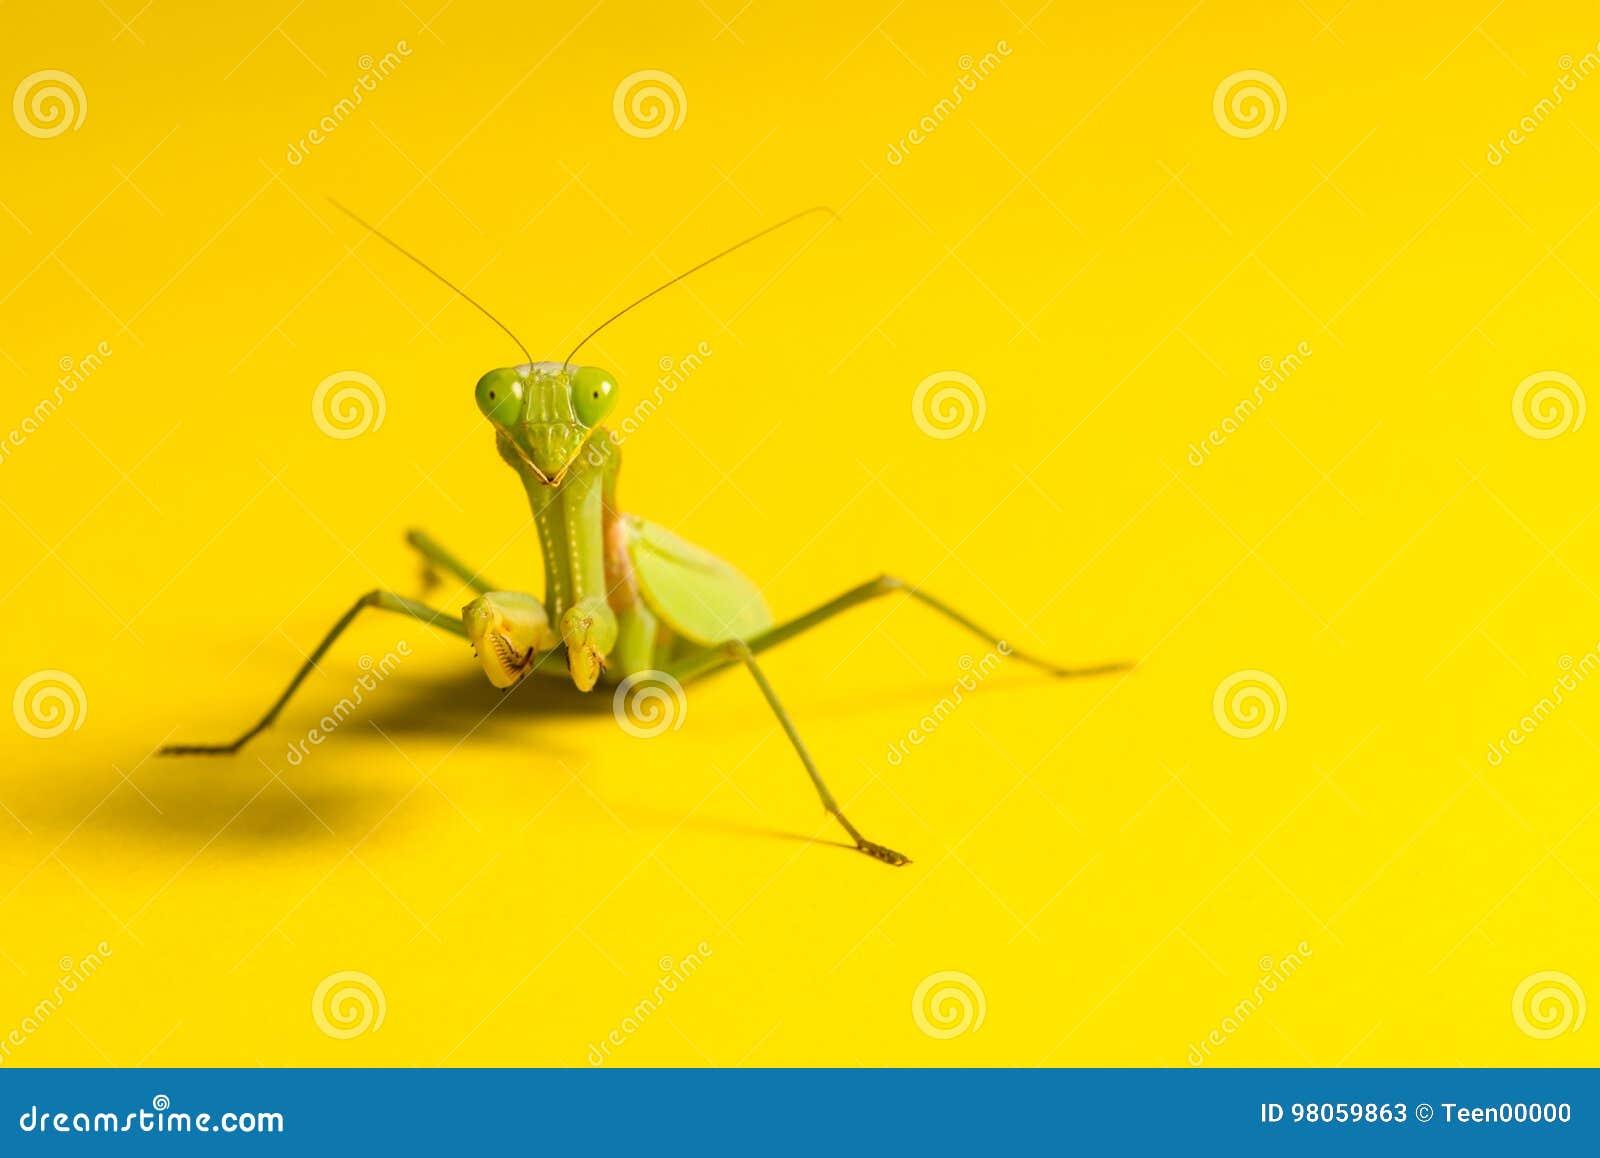 Mantis на желтой предпосылке